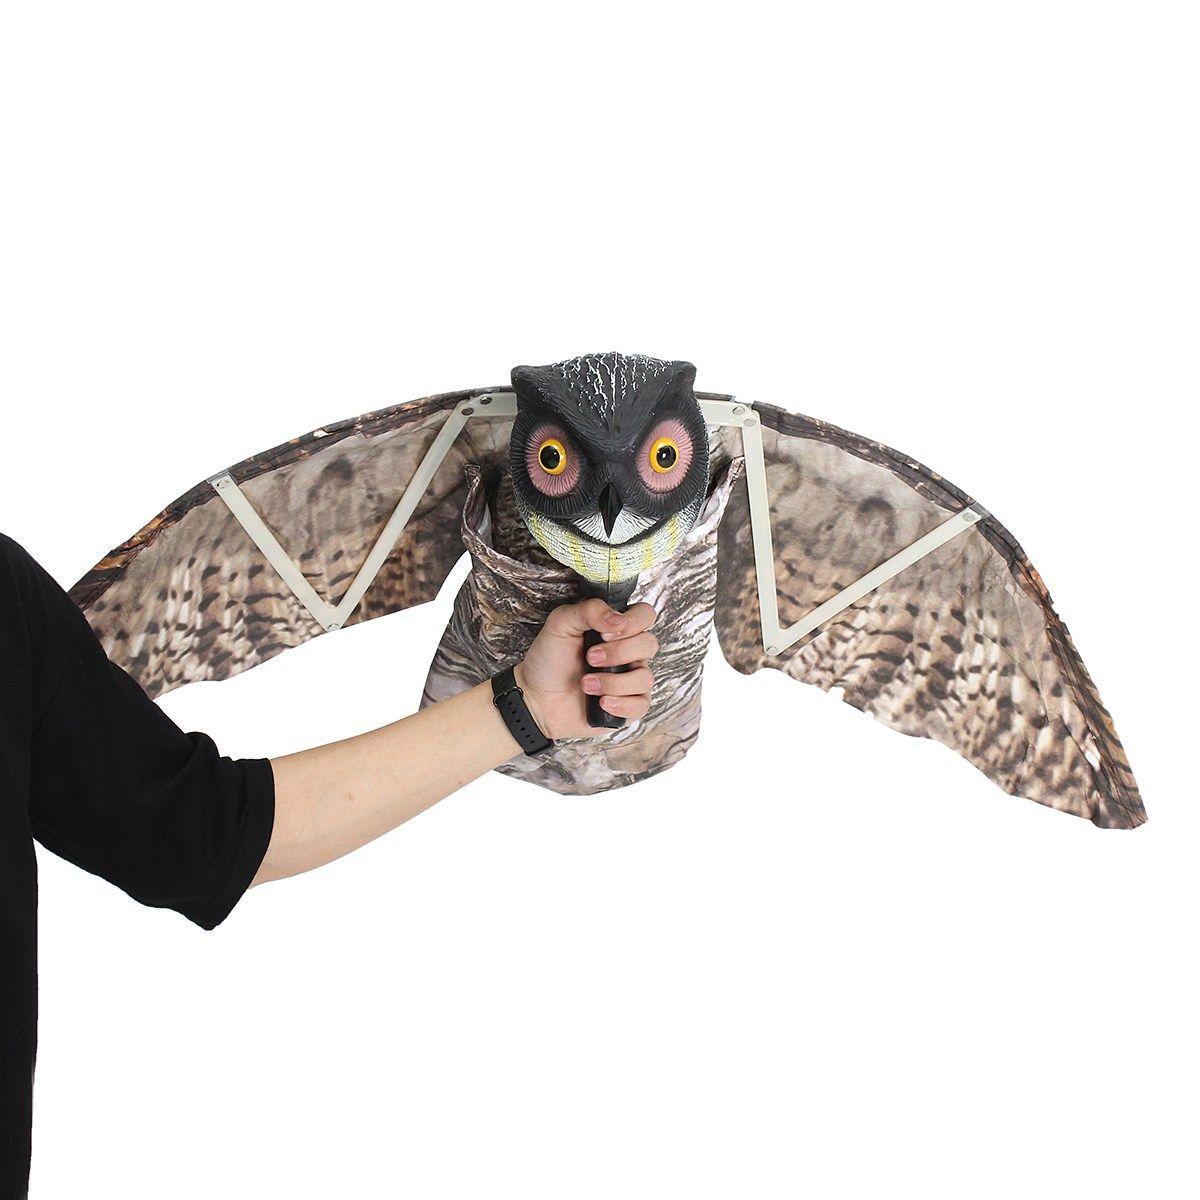 Flying Owl Decoy Pest Control Garden Mice Scarer Scarecrow Predator Decoy Pest Scarer Bird Deterrent outdoor hunting decoy